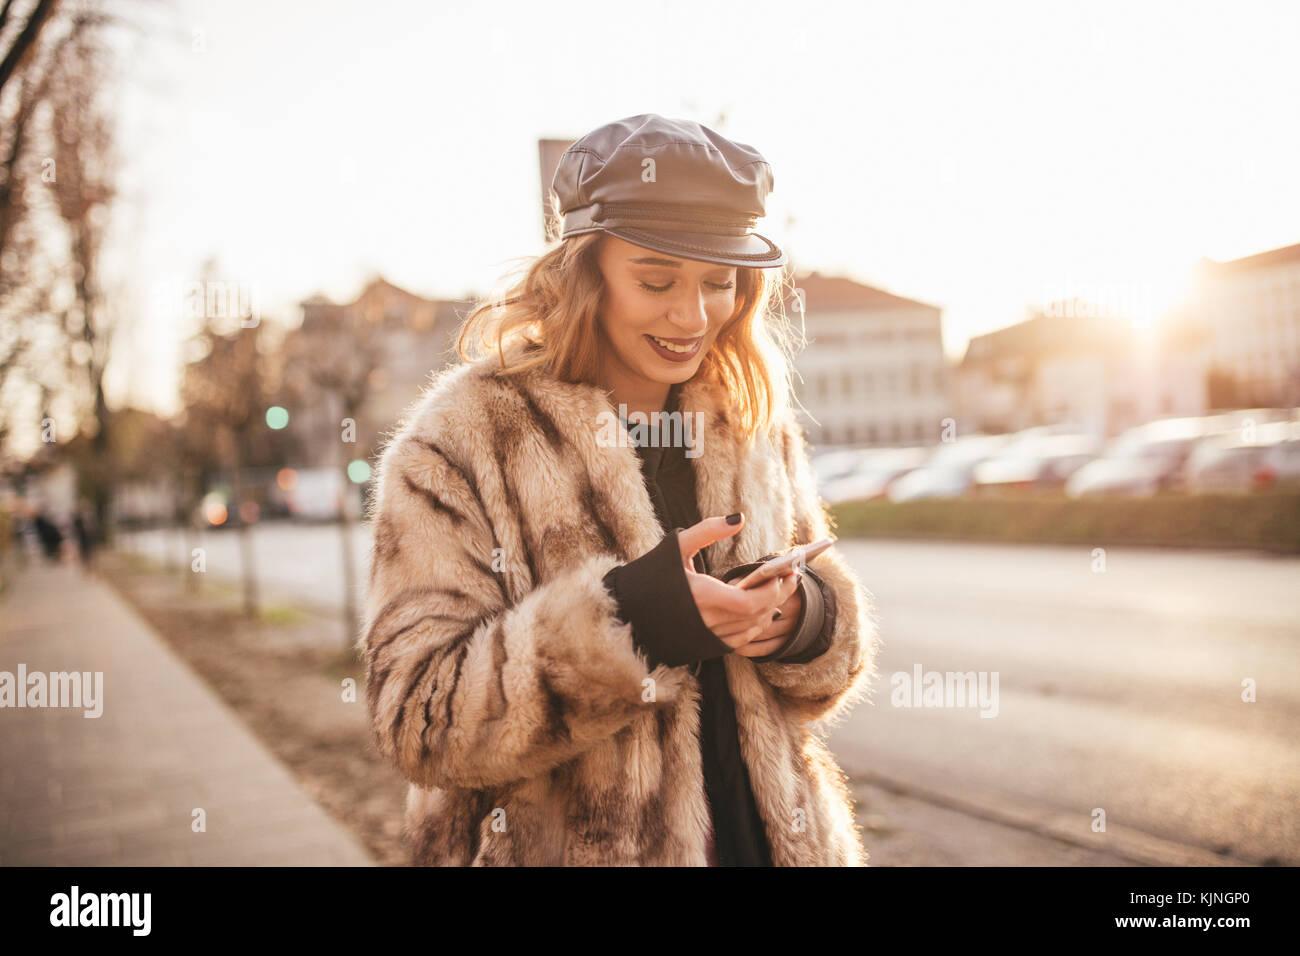 Bella ragazza sorridente e i messaggi di testo sul suo telefono cellulare sulle strade della città Immagini Stock